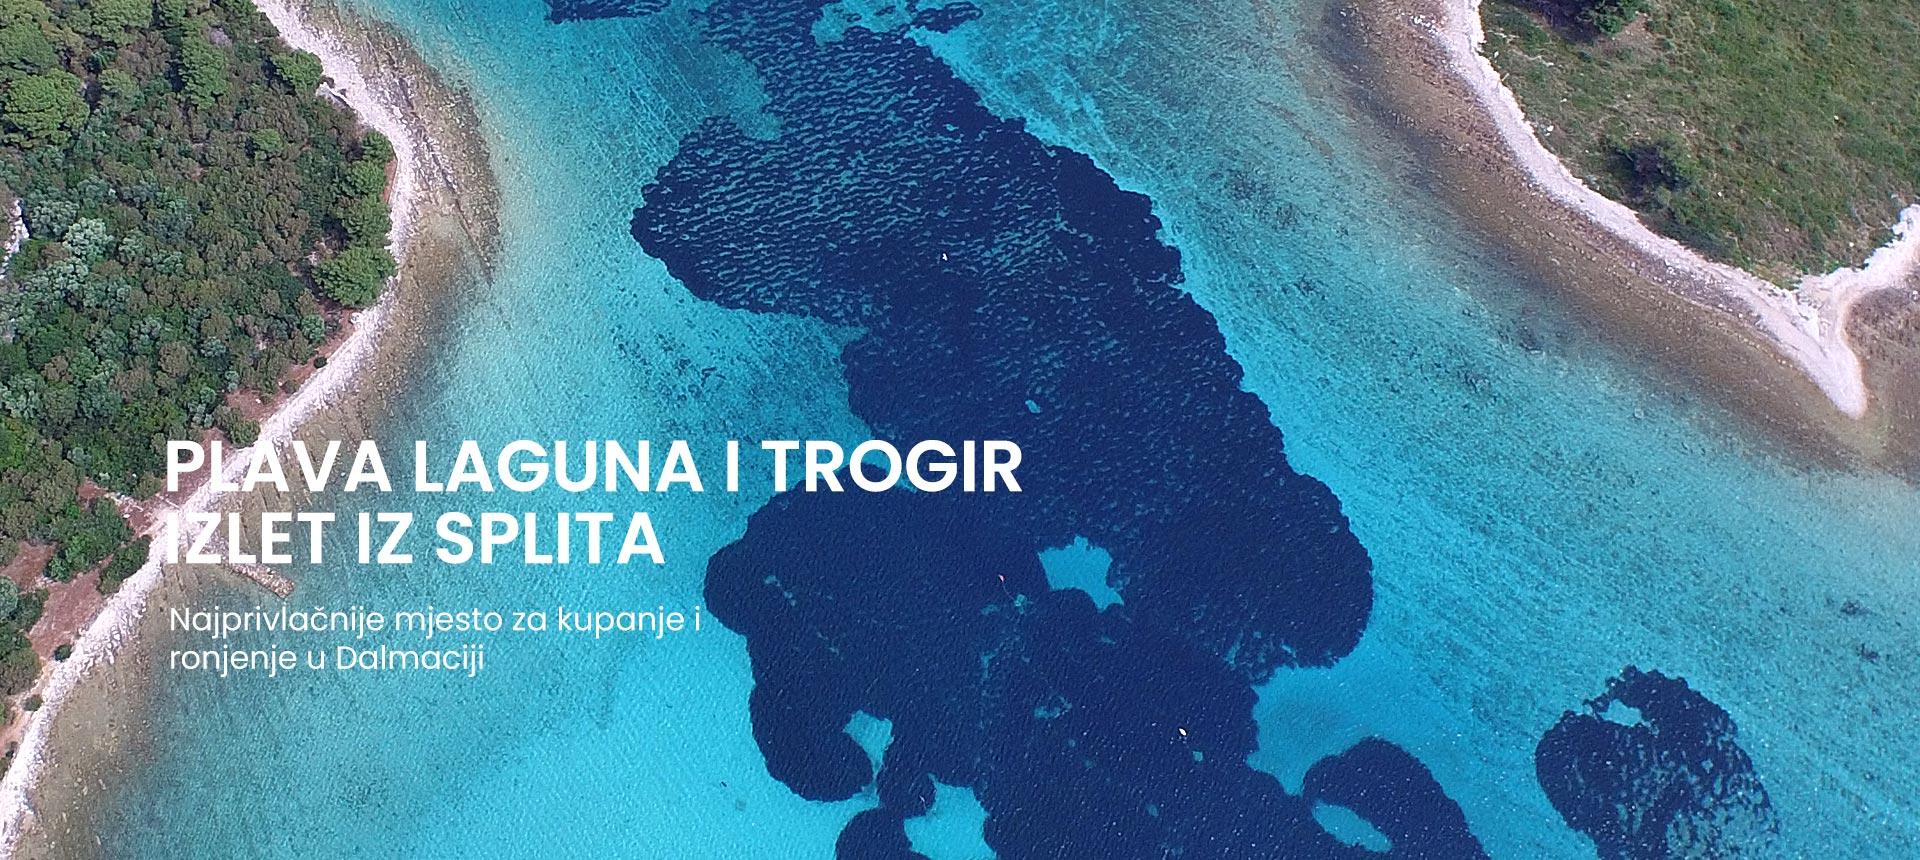 poludnevni izlet u plavu lagunu i Trogir